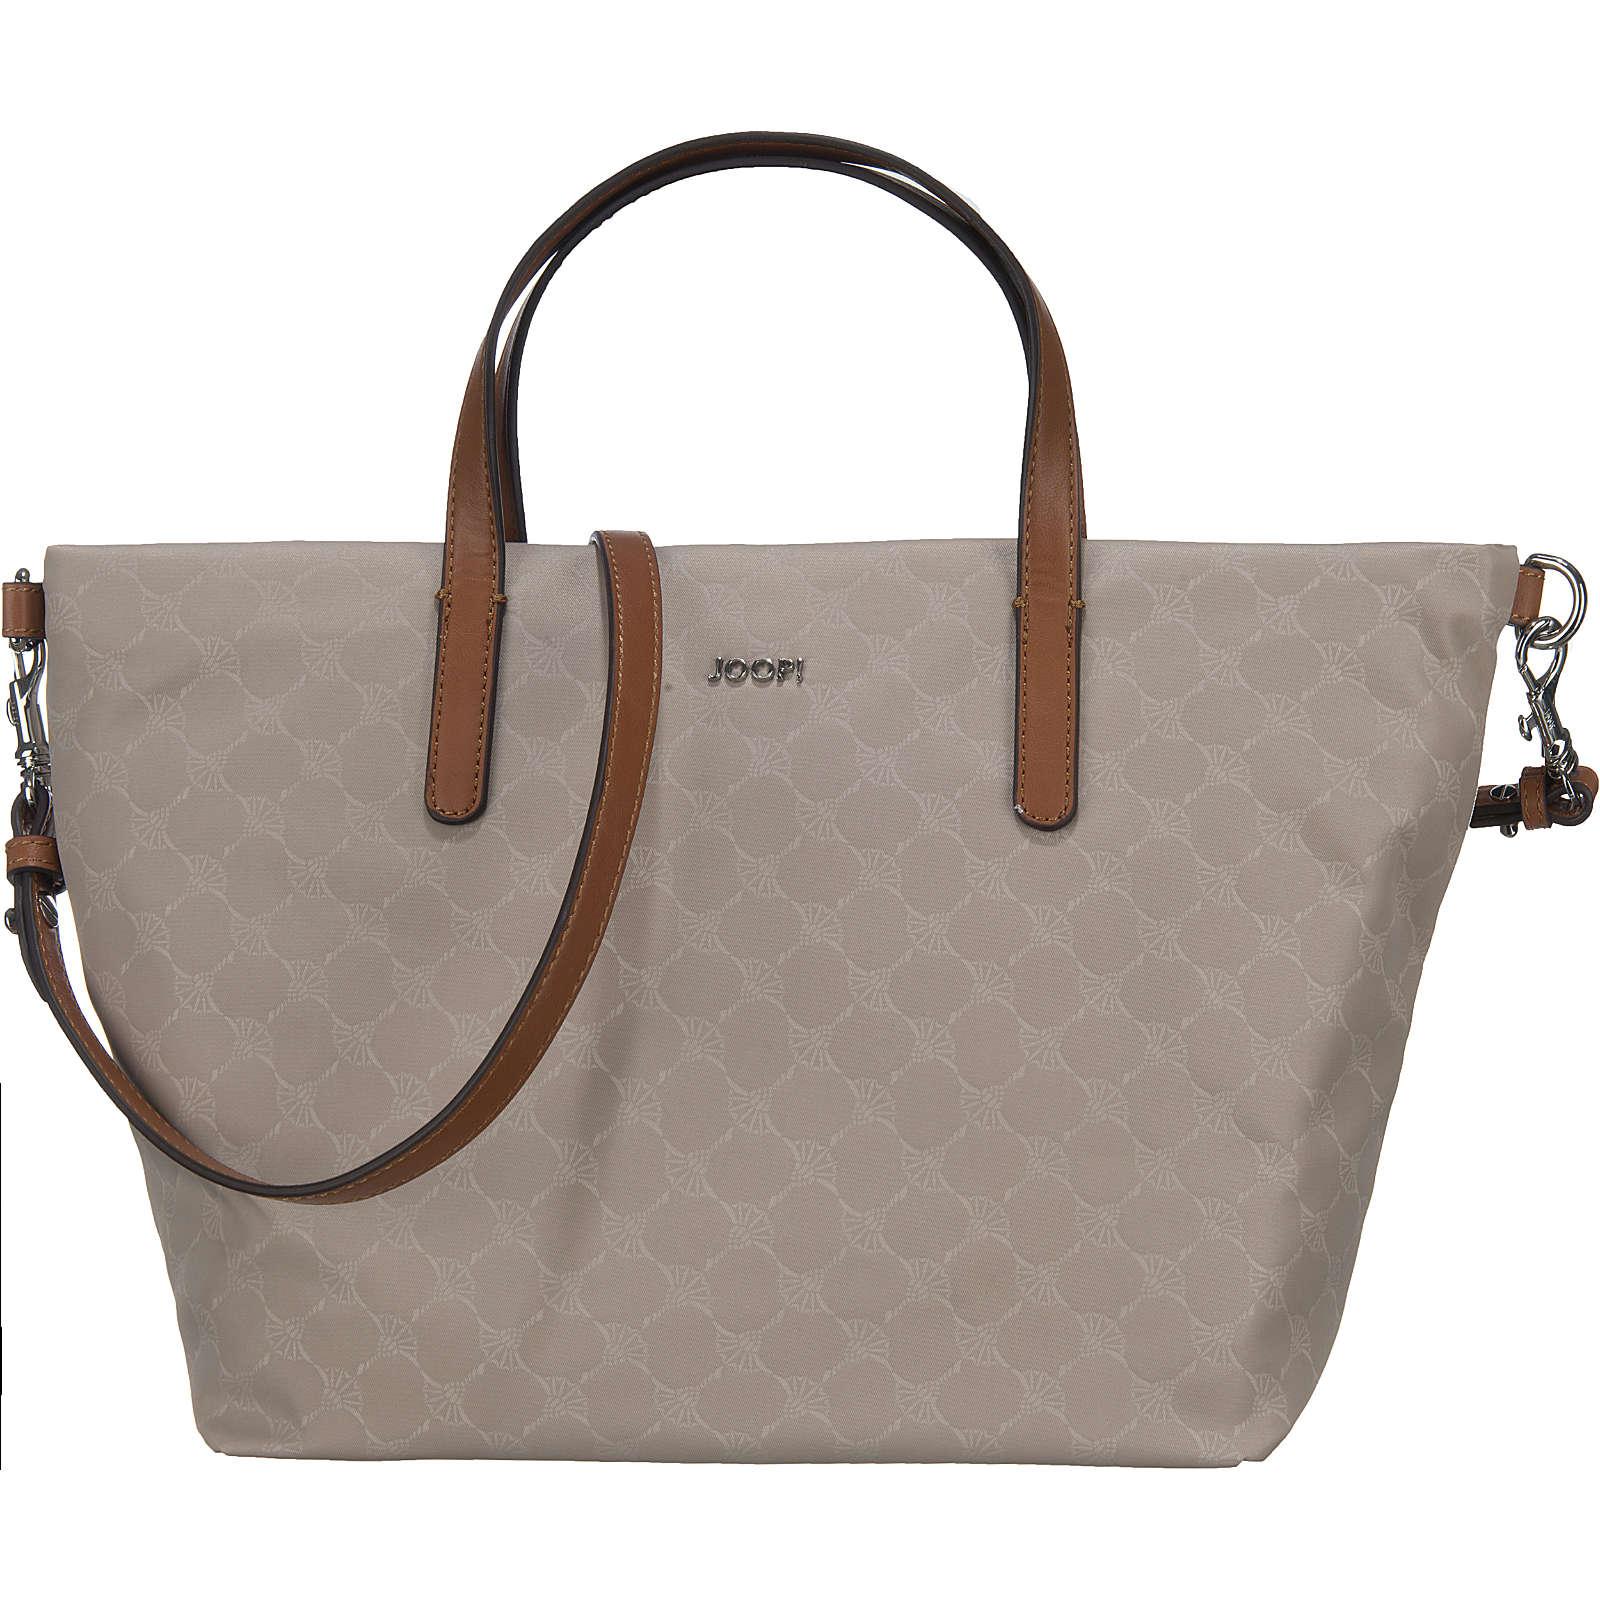 JOOP! Handtasche Helena M beige Damen